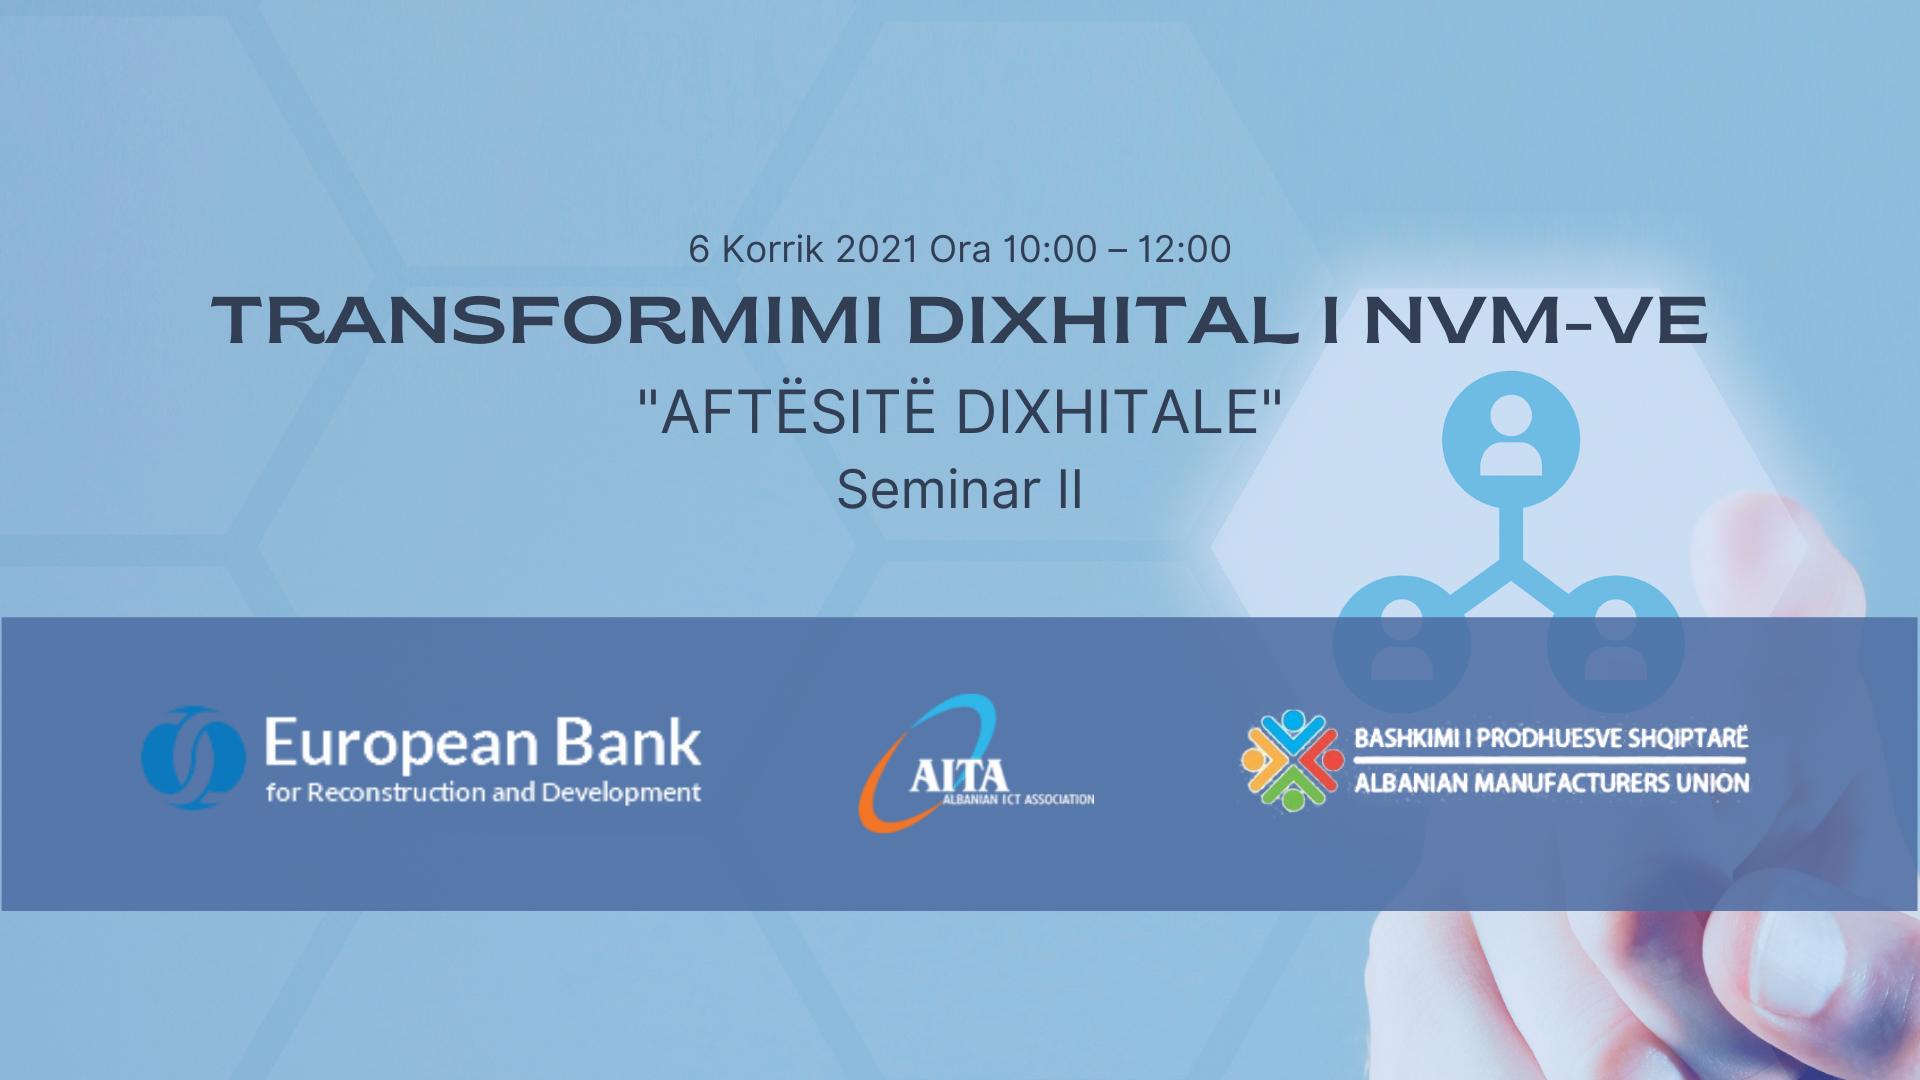 Aftësitë Dixhitale - Seminar II